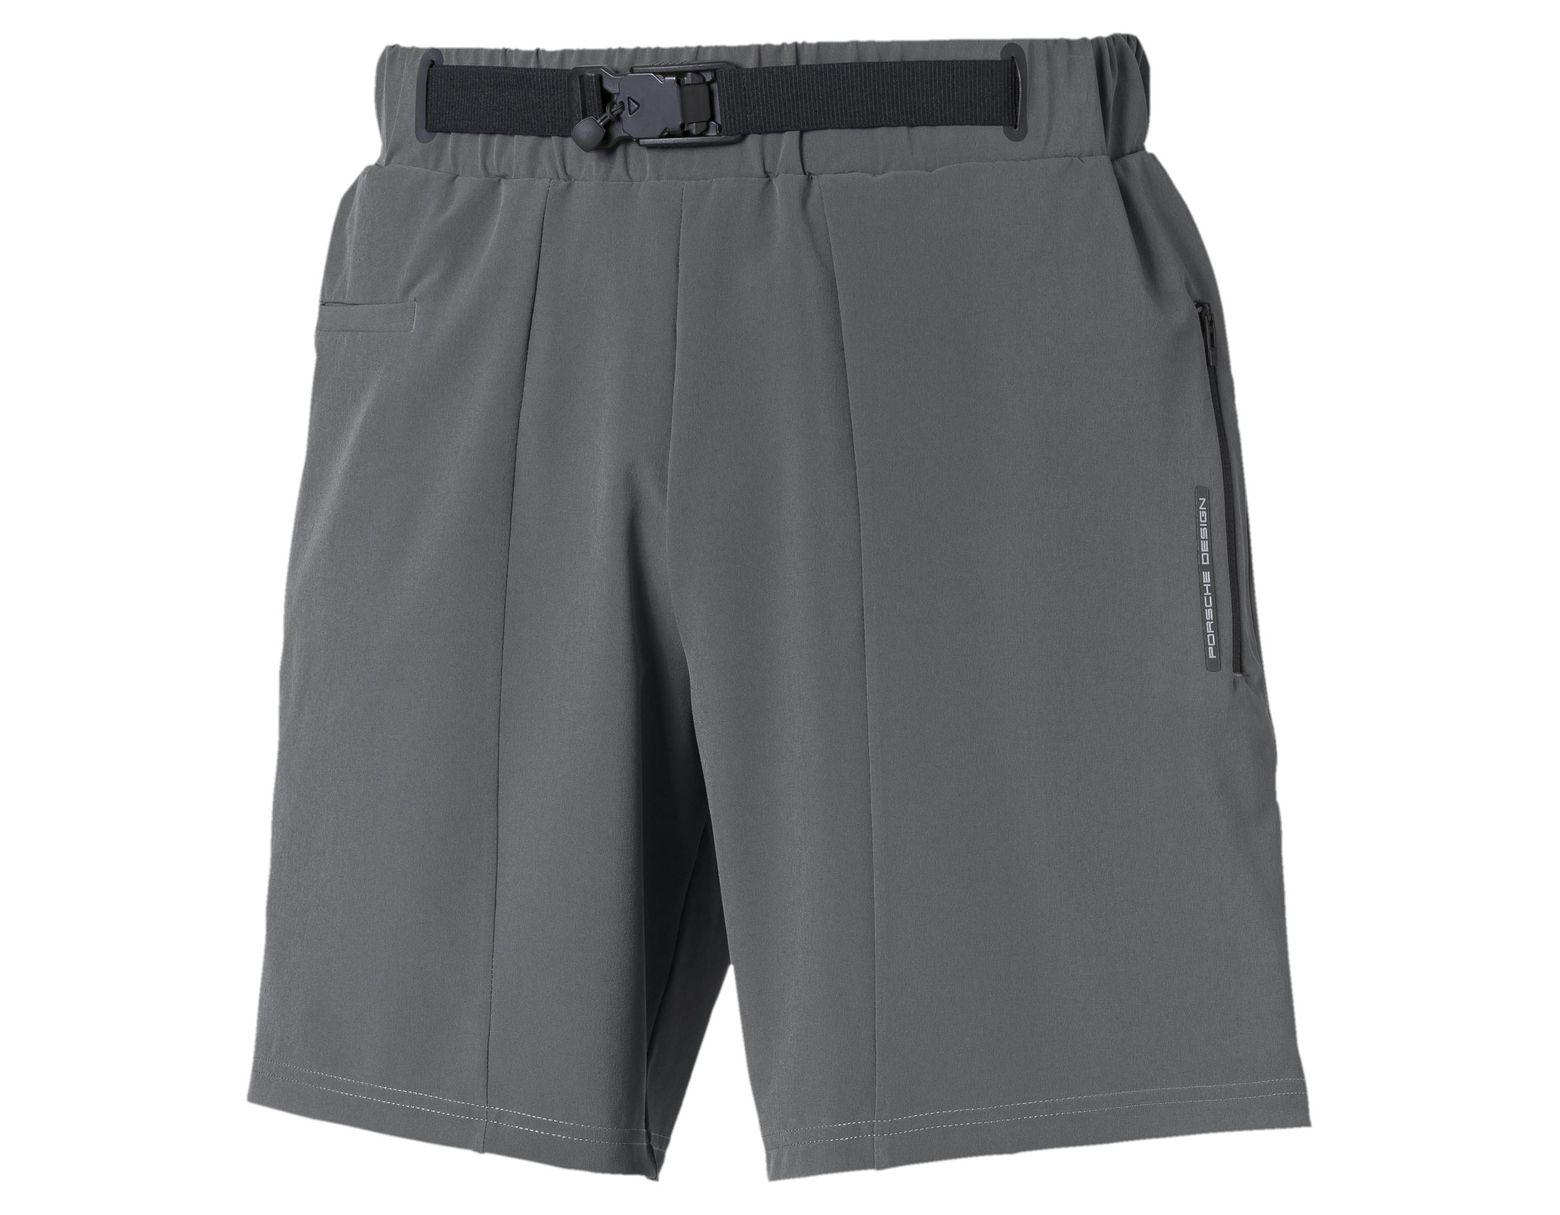 Woven Porsche Gray Shorts Men's Design qSVMGzUp